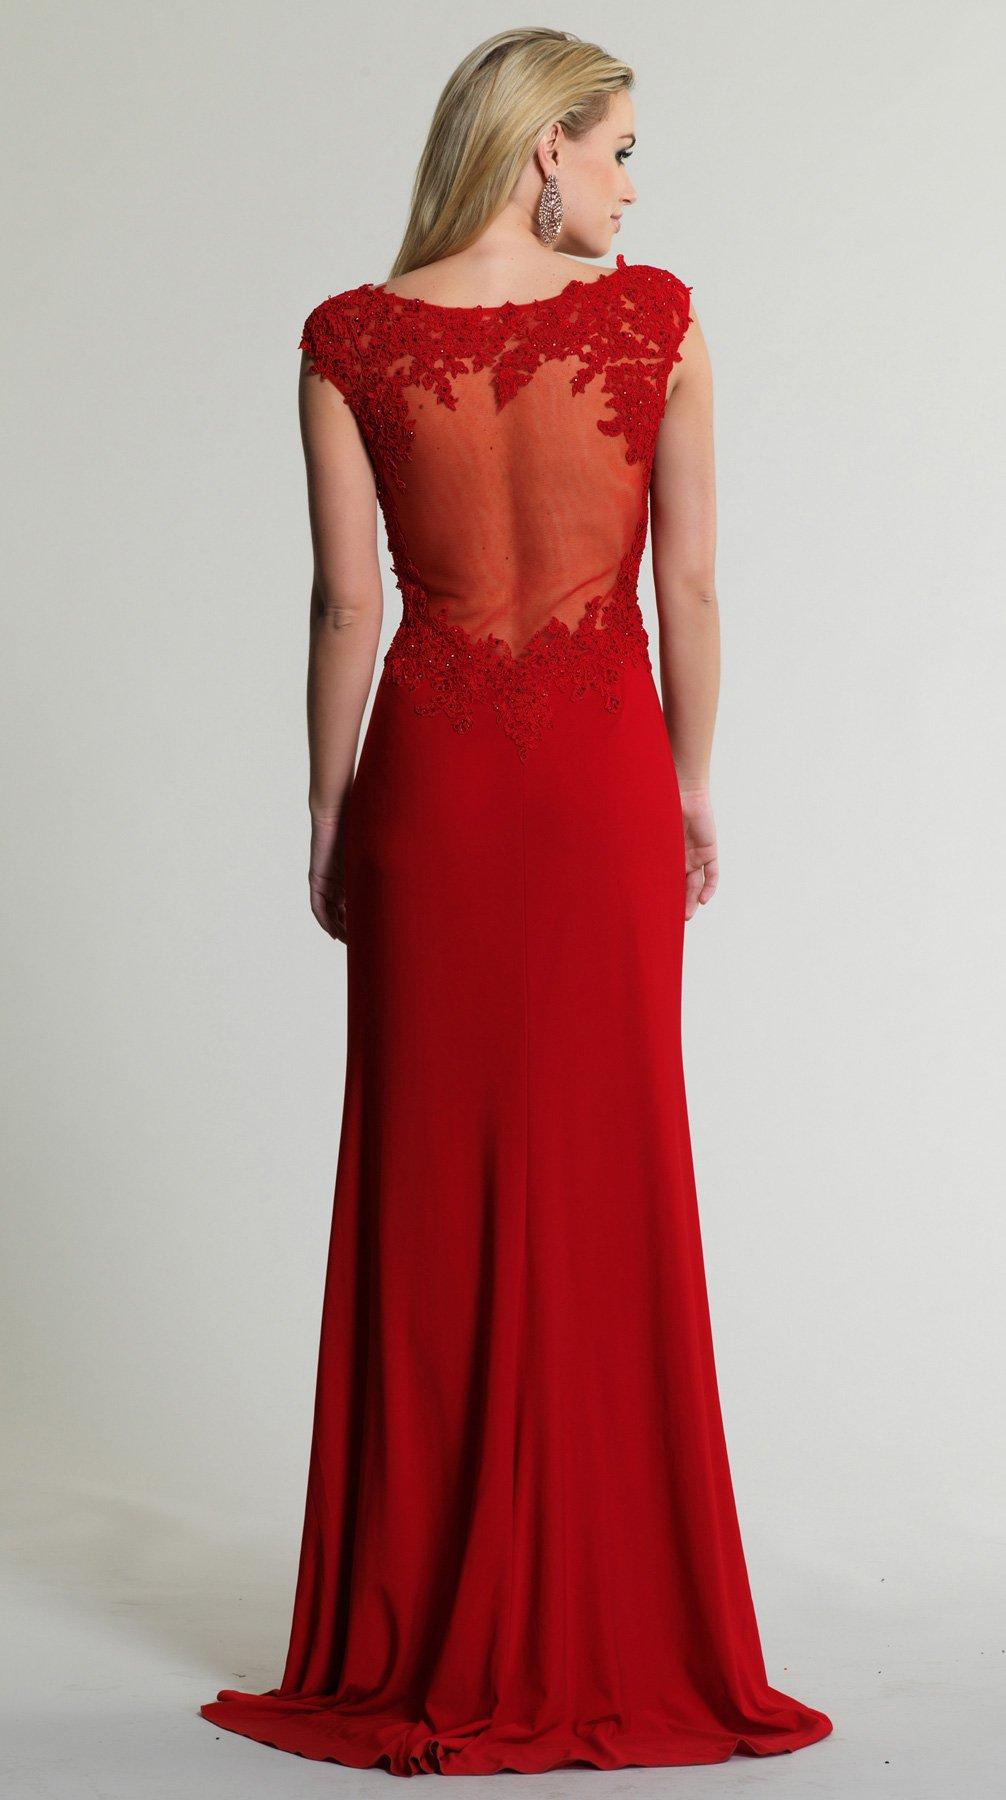 347 suknia wieczorowa - Suknie wieczorowe